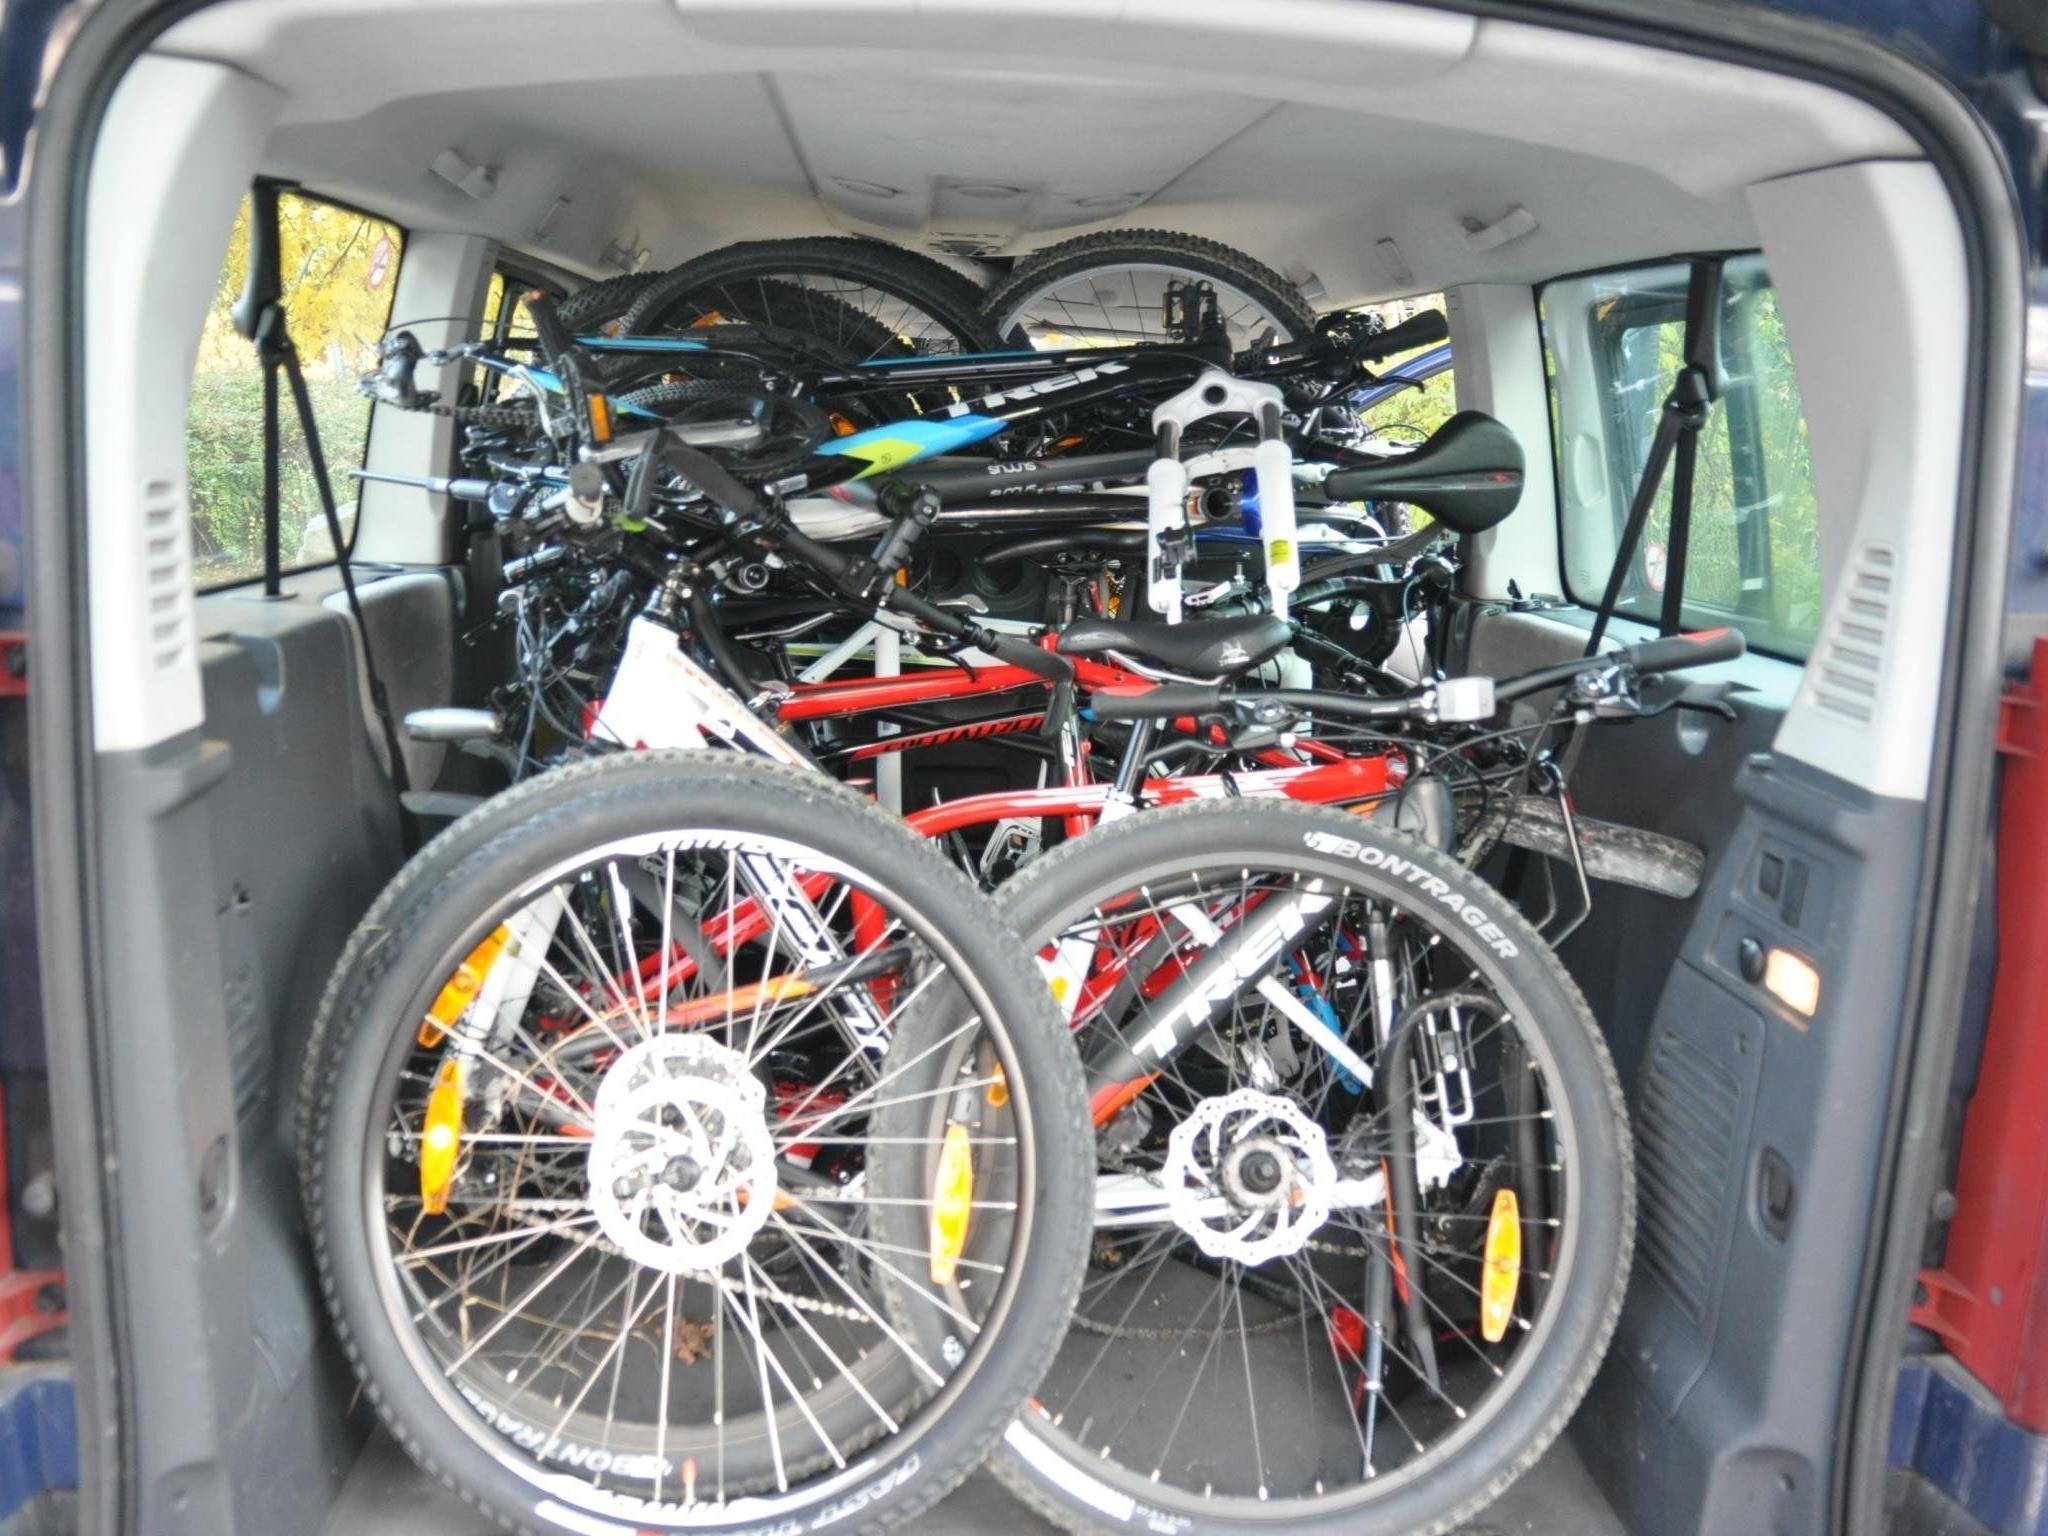 Fahrräder waren ein besonders beliebtes Diebesgut der Bande.